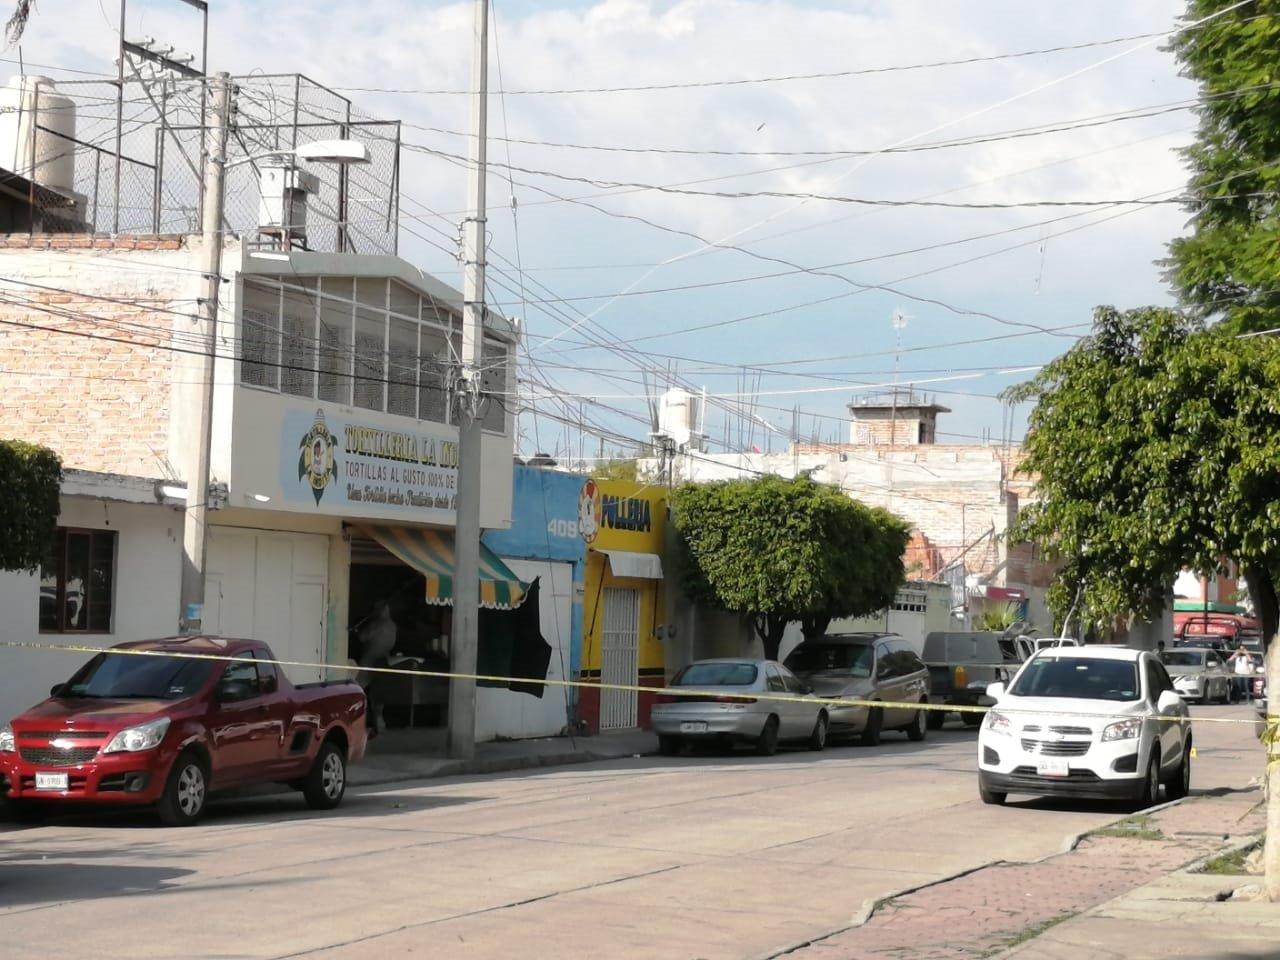 Imagenes; Cobardes atacan comercios en Celaya, Matan a 3 tortilleras y 1 trabajador de cementera